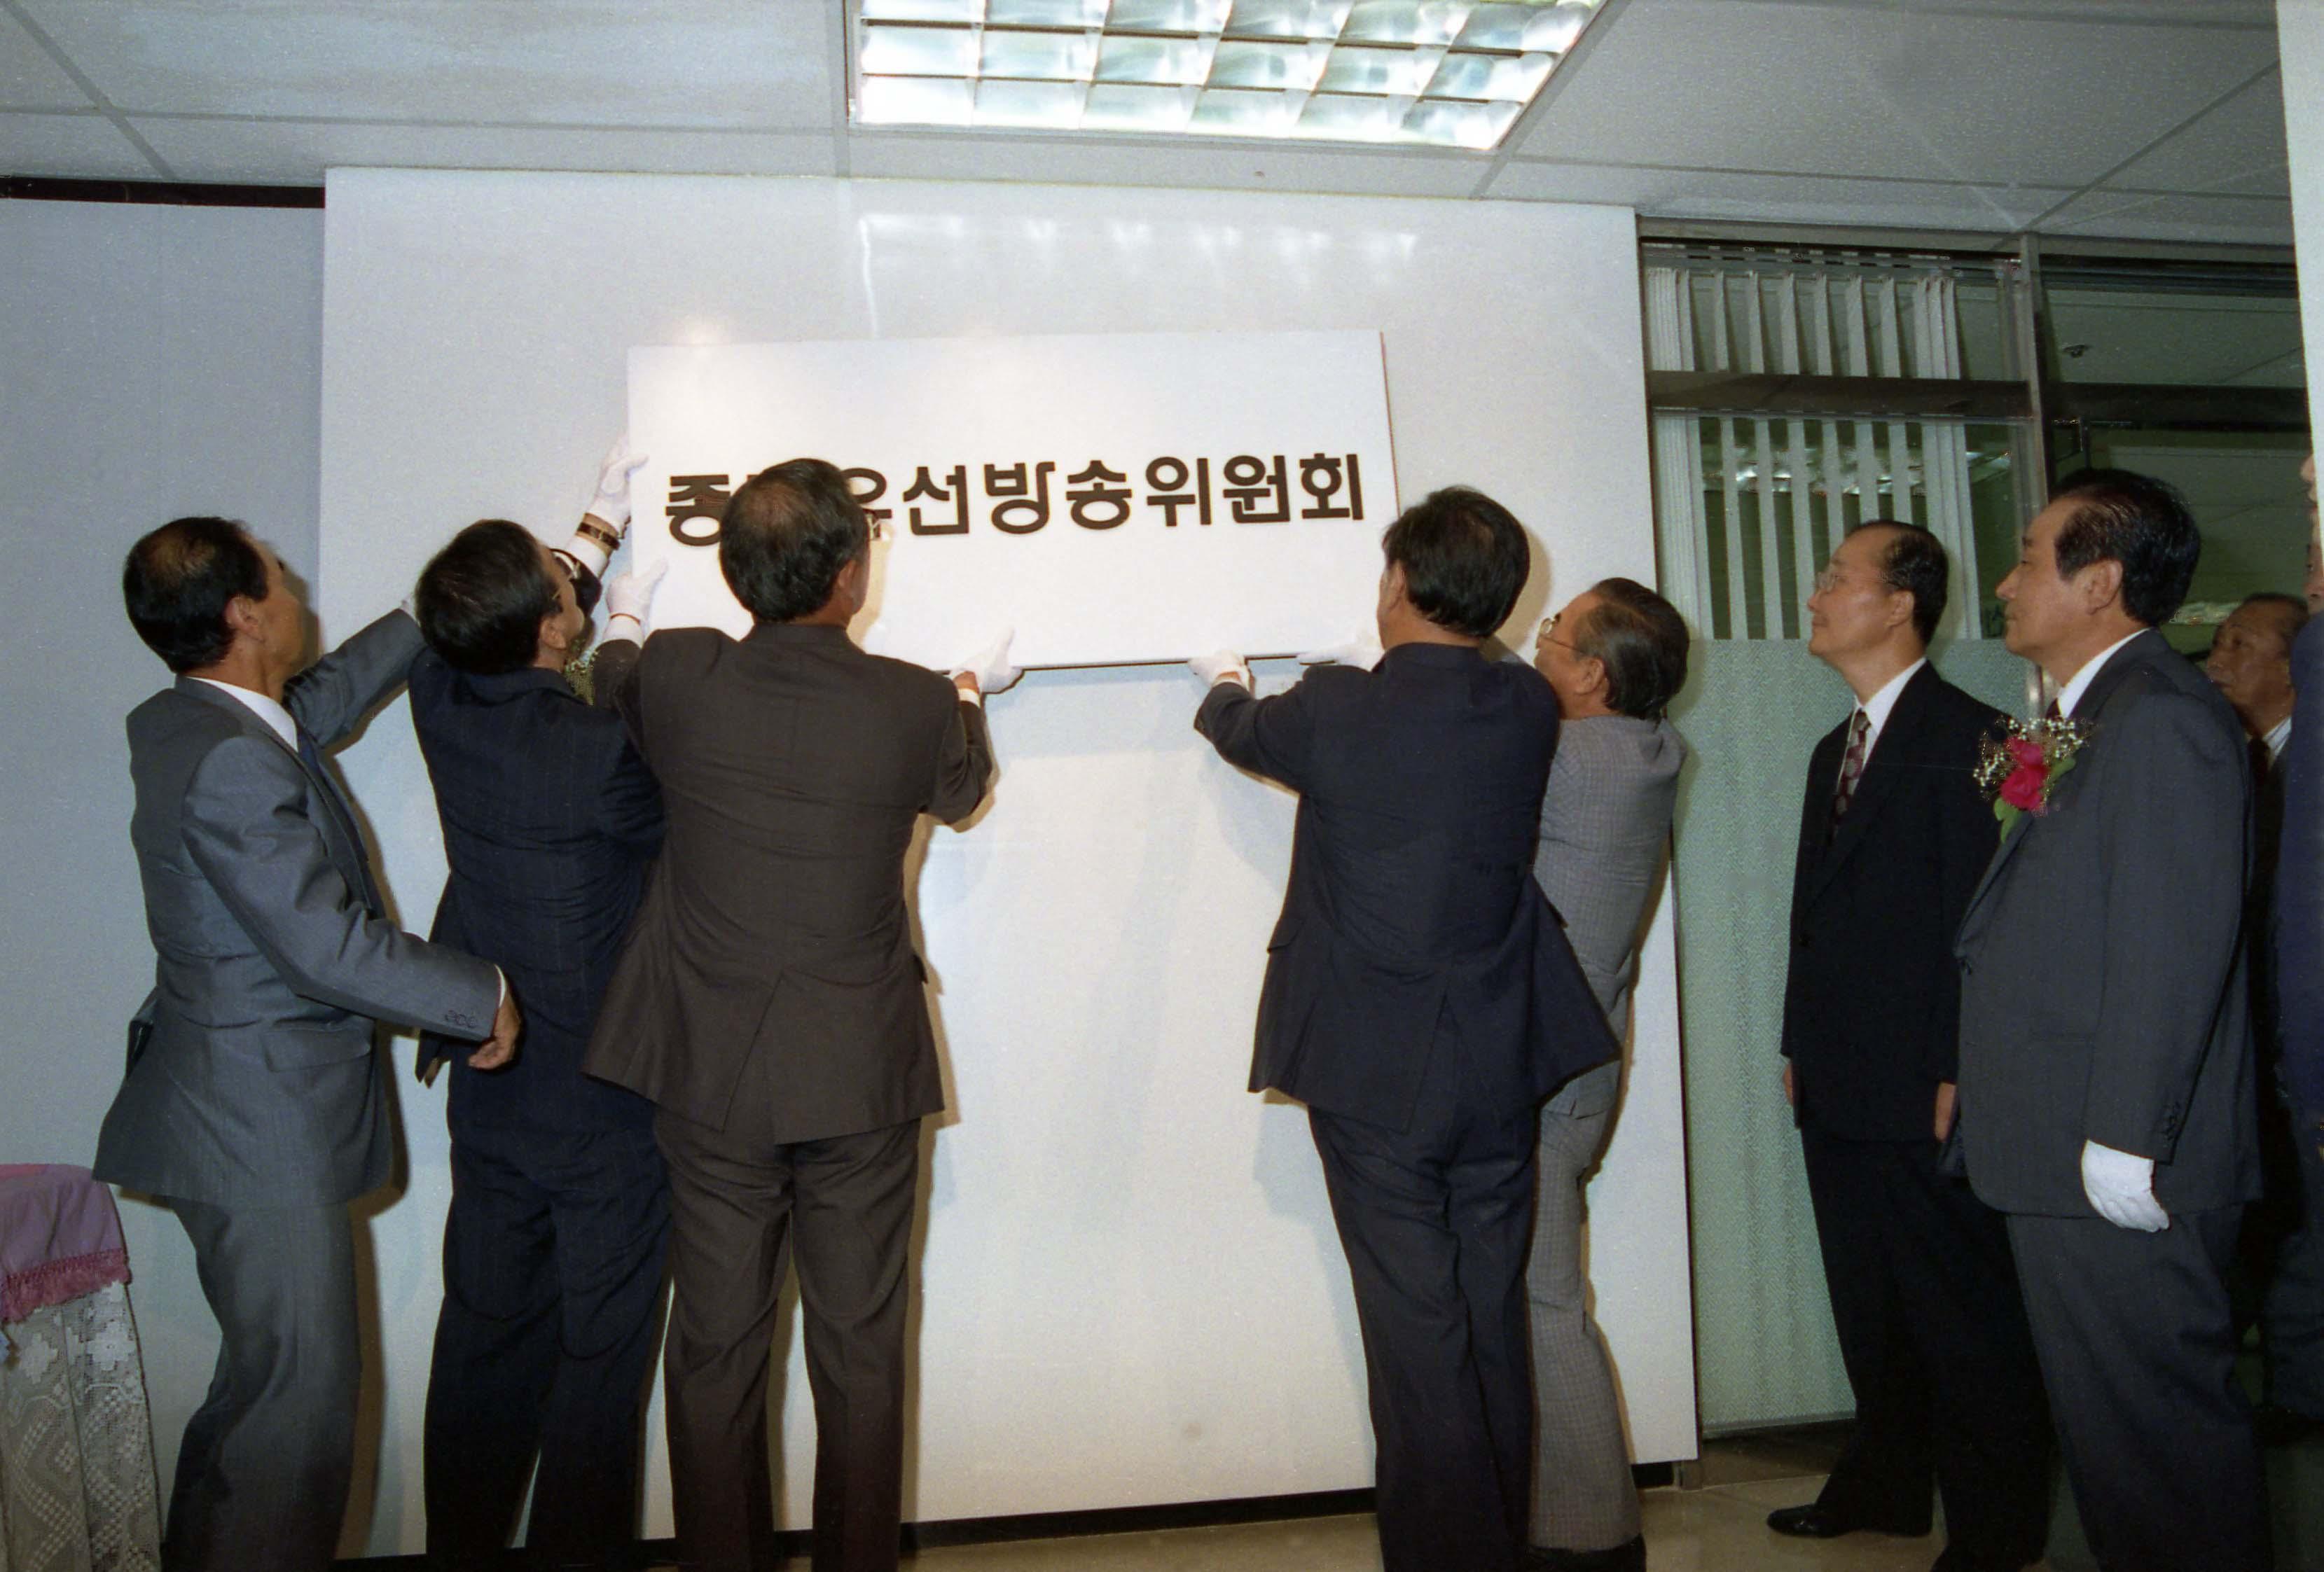 종합유선방송위원회 현판식